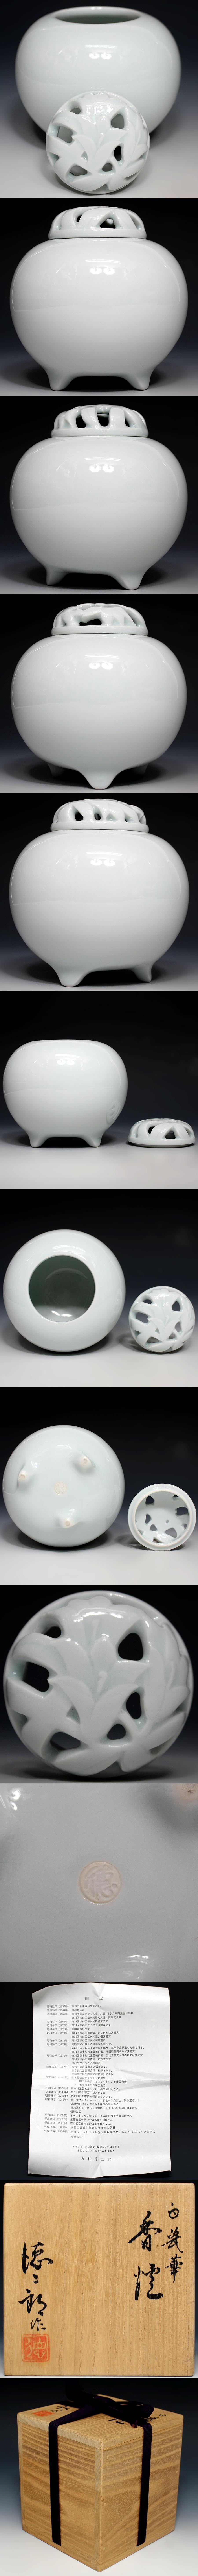 【骨董】【Y's Gallery】 本物保証 『西村徳二郎』作 白瓷 華 香炉 共箱g87の詳細